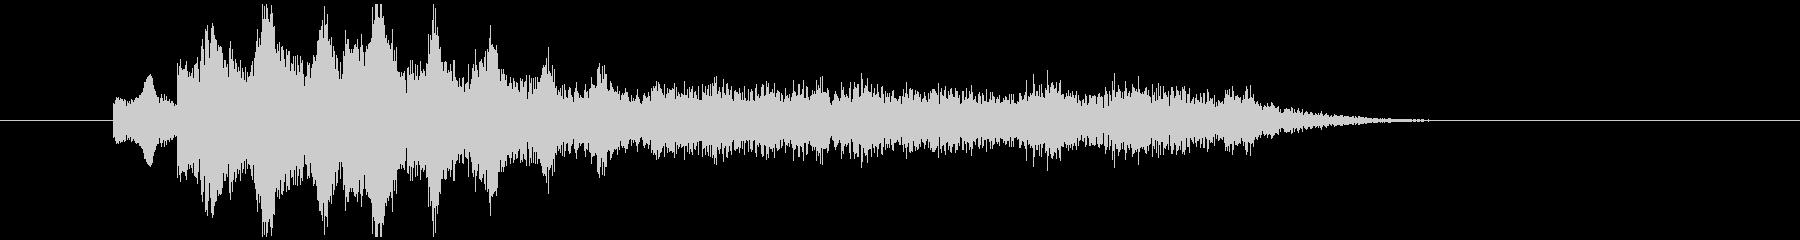 不気味なアルペジオ 5の未再生の波形